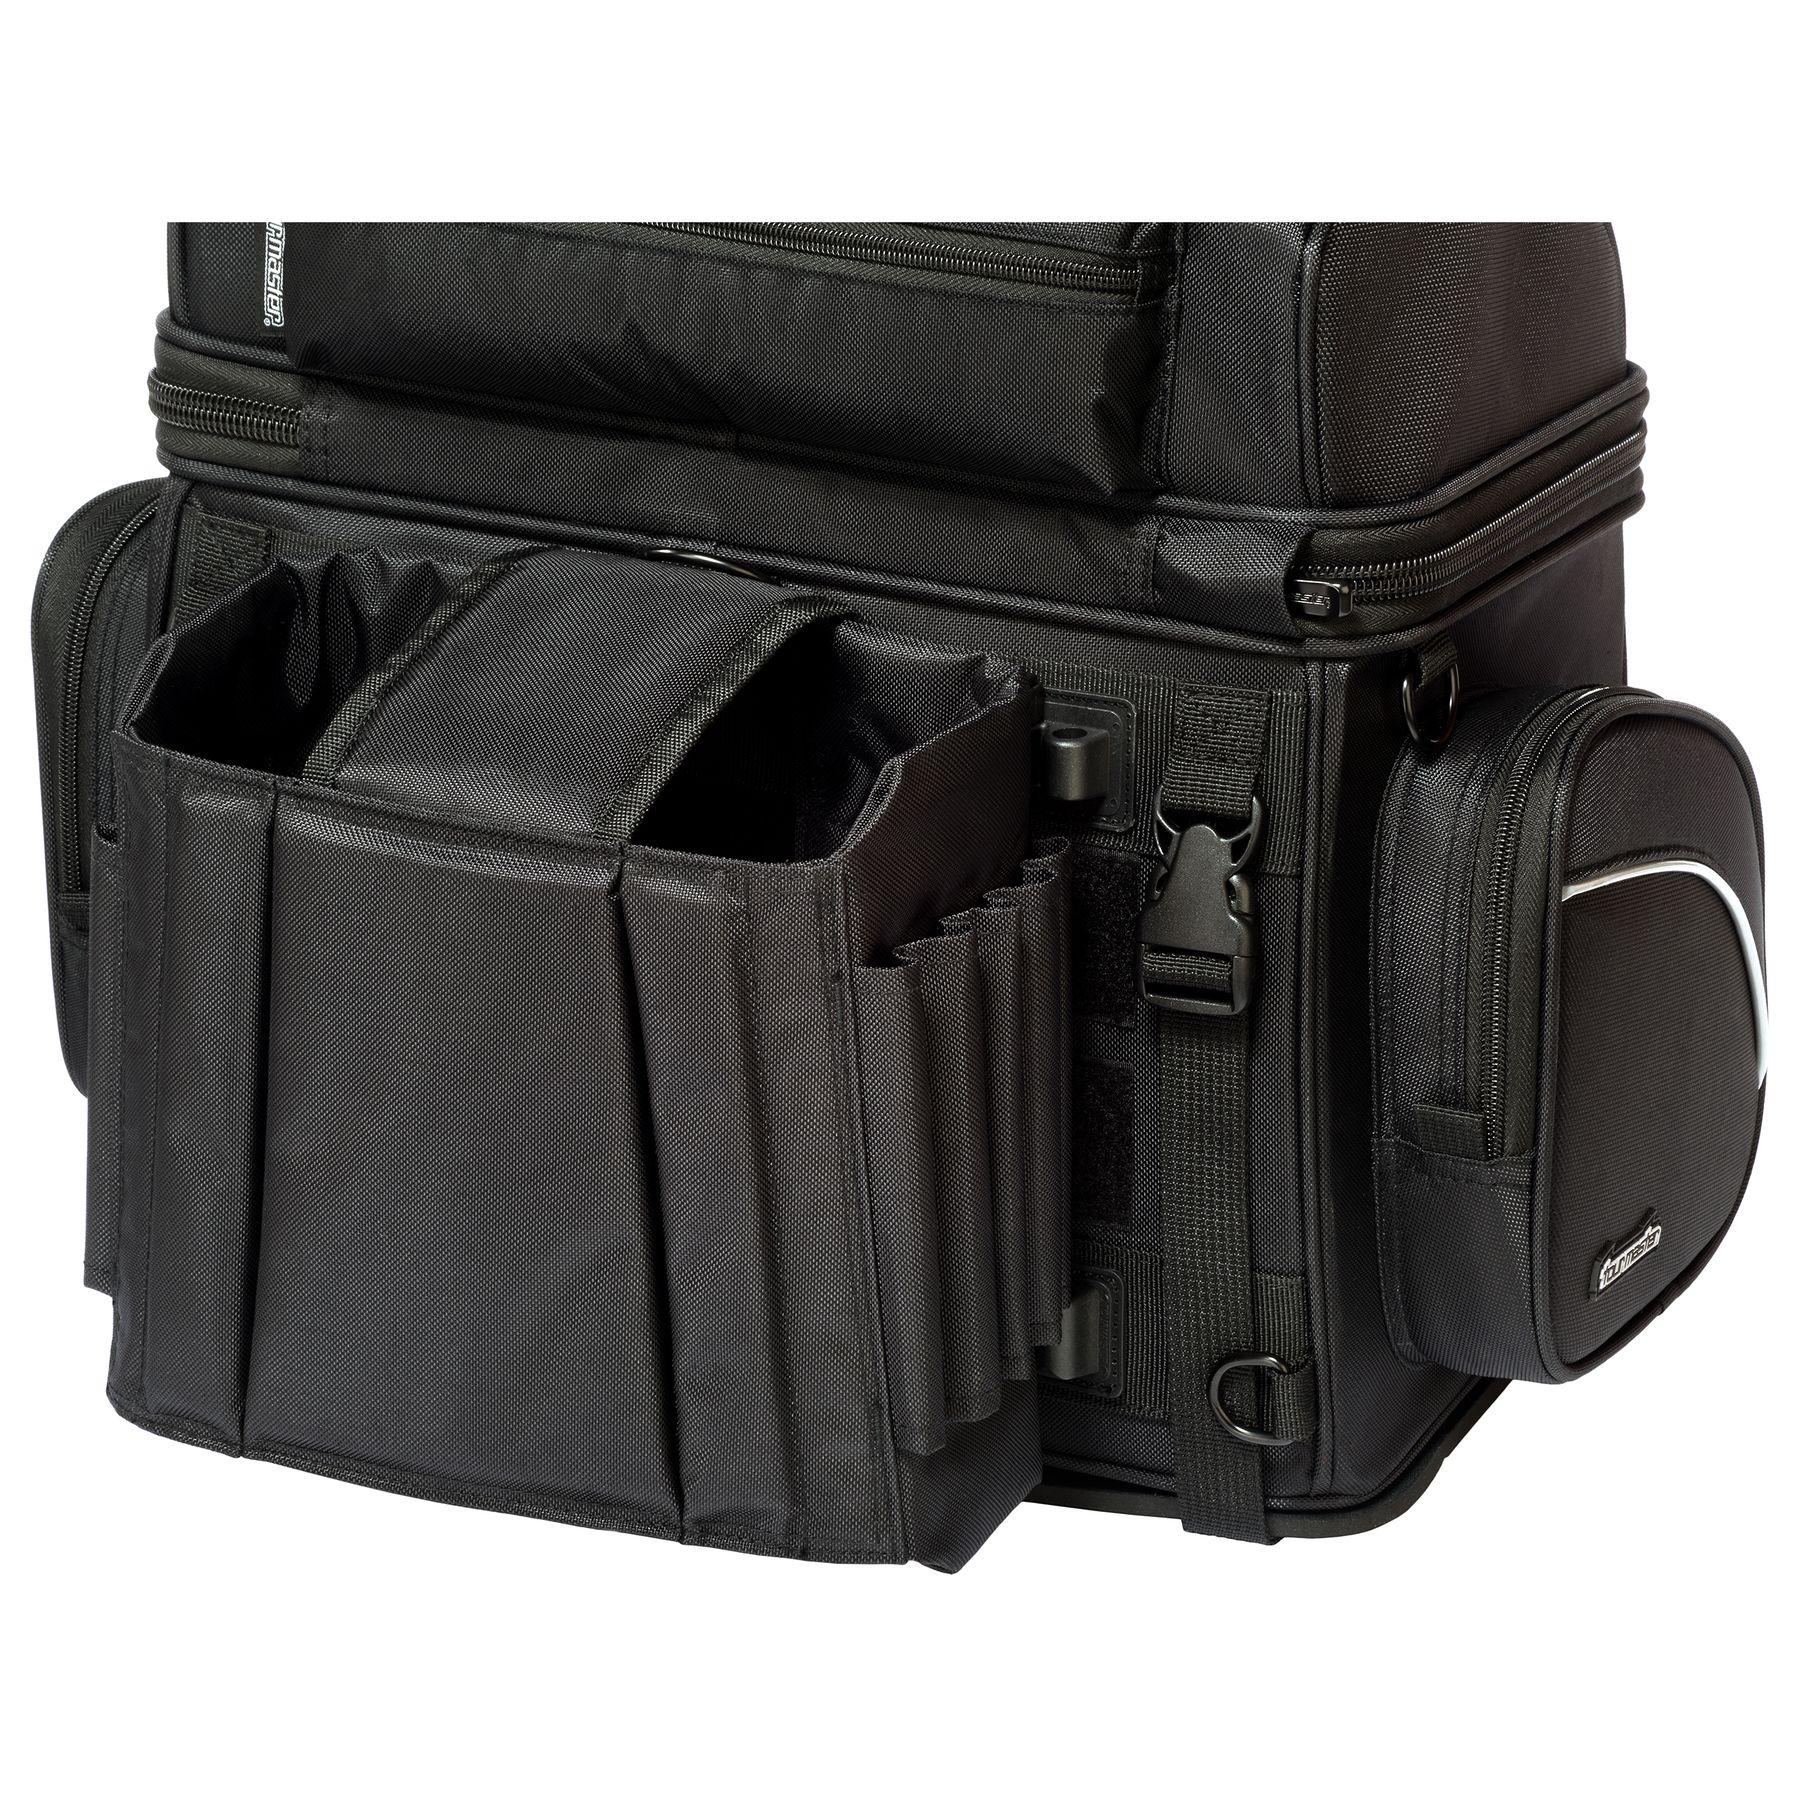 Black//Medium Tour Master NC 4 Nylon Sissybar Street Motorcycle Tail Bags